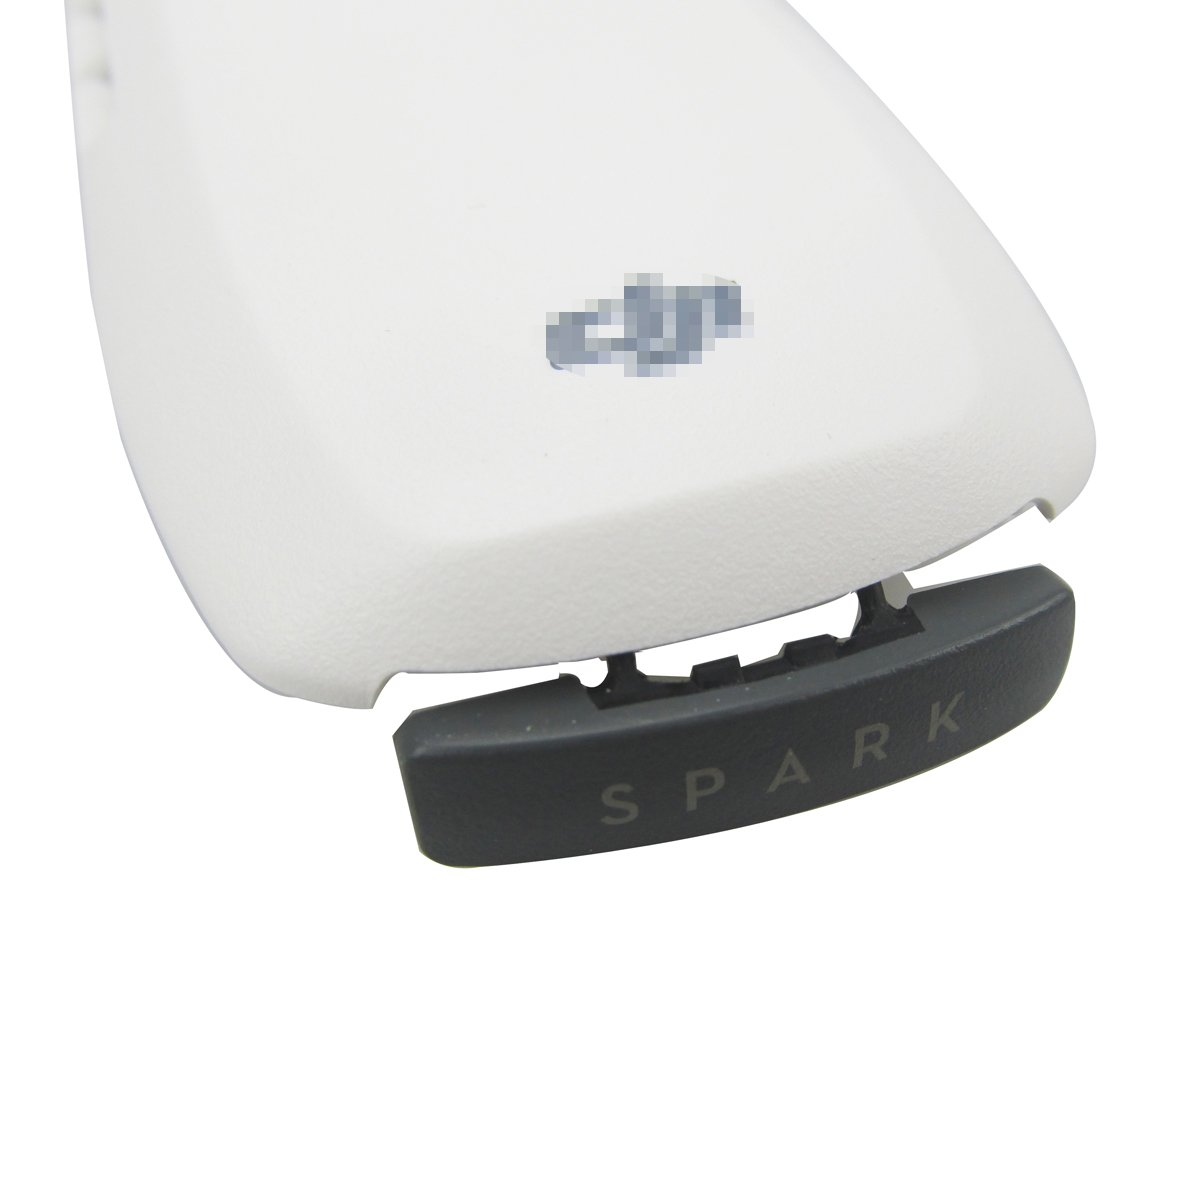 Compatibile con DJI Spark//Mavic PRO//Phantom 3 4//Inspire 1 2 e Altri droni RC Rantow Spark Riparare la Parte di Ricambio Smontare Il Kit di Attrezzi per cacciaviti di Riparazione di Montaggio